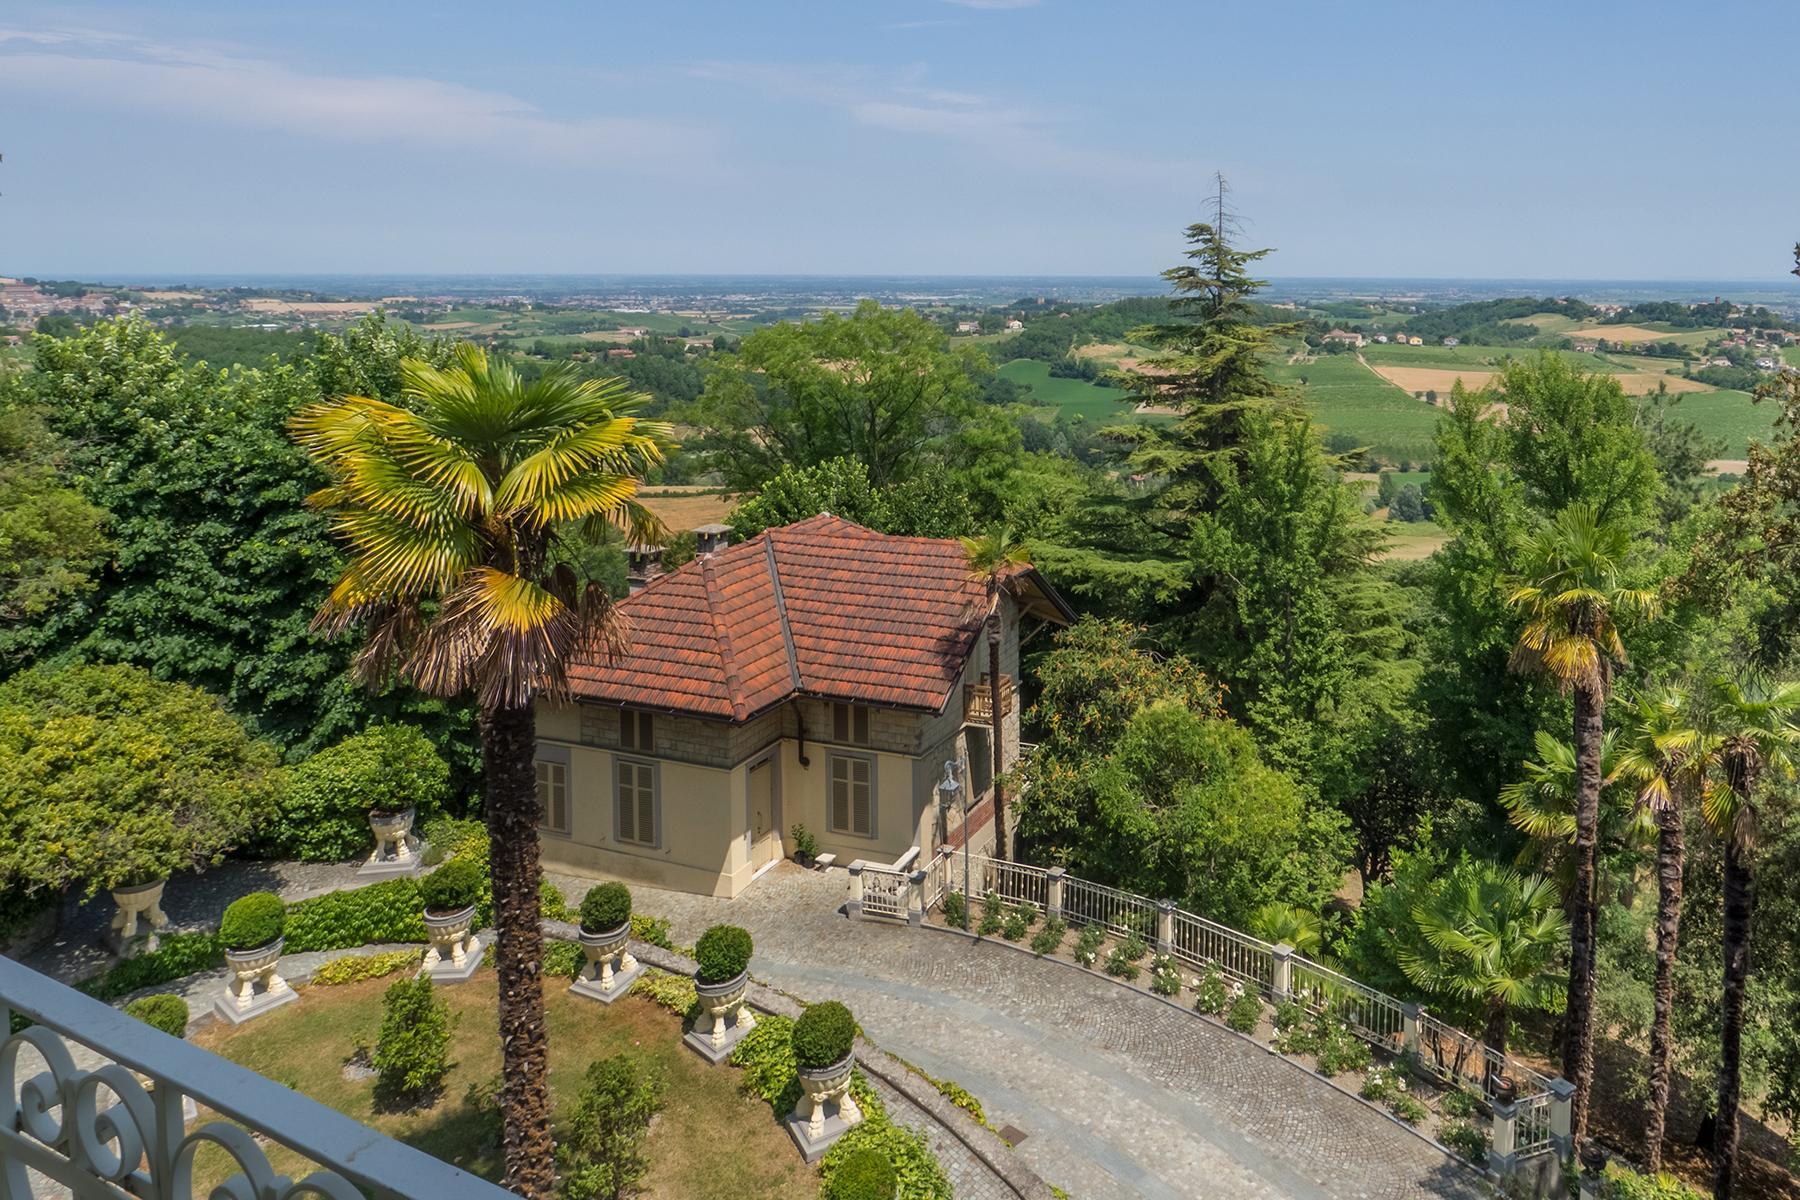 Величественная вилла в стиле Либерти, расположенная в одной из самых живописных деревень Италии - 12